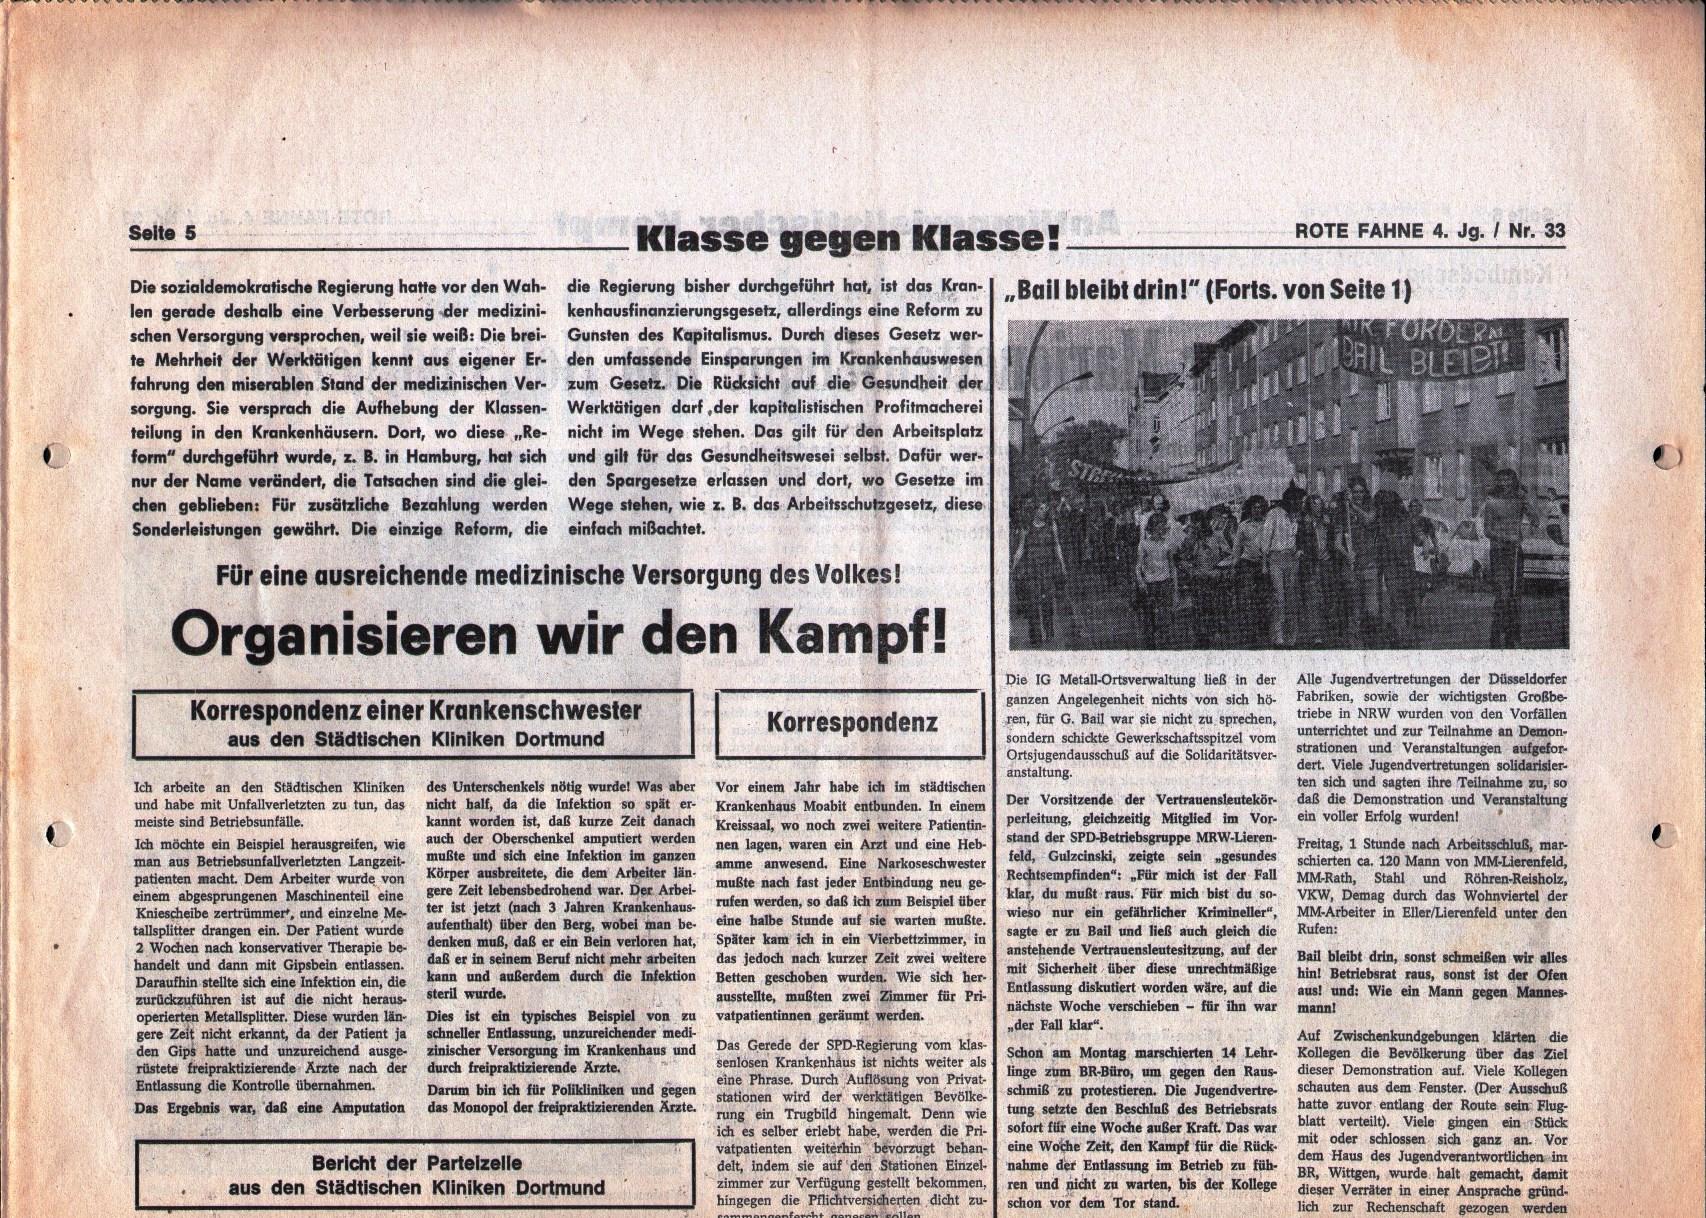 KPD_Rote_Fahne_1973_33_09